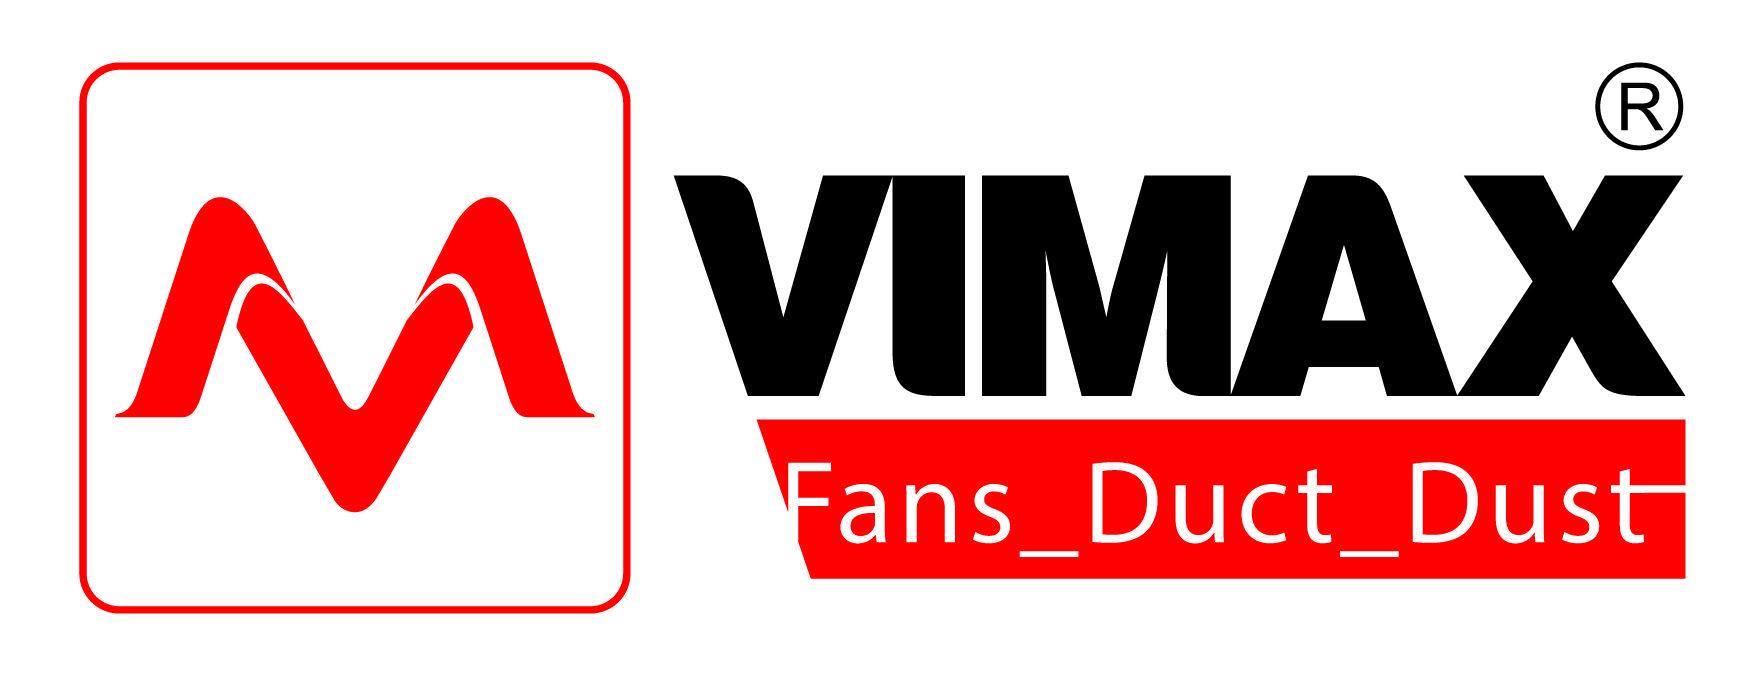 Cơ Điện ViMax – Cung cấp Hệ Thống Hút Bụi, Quạt Công Nghiệp, Làm Mát